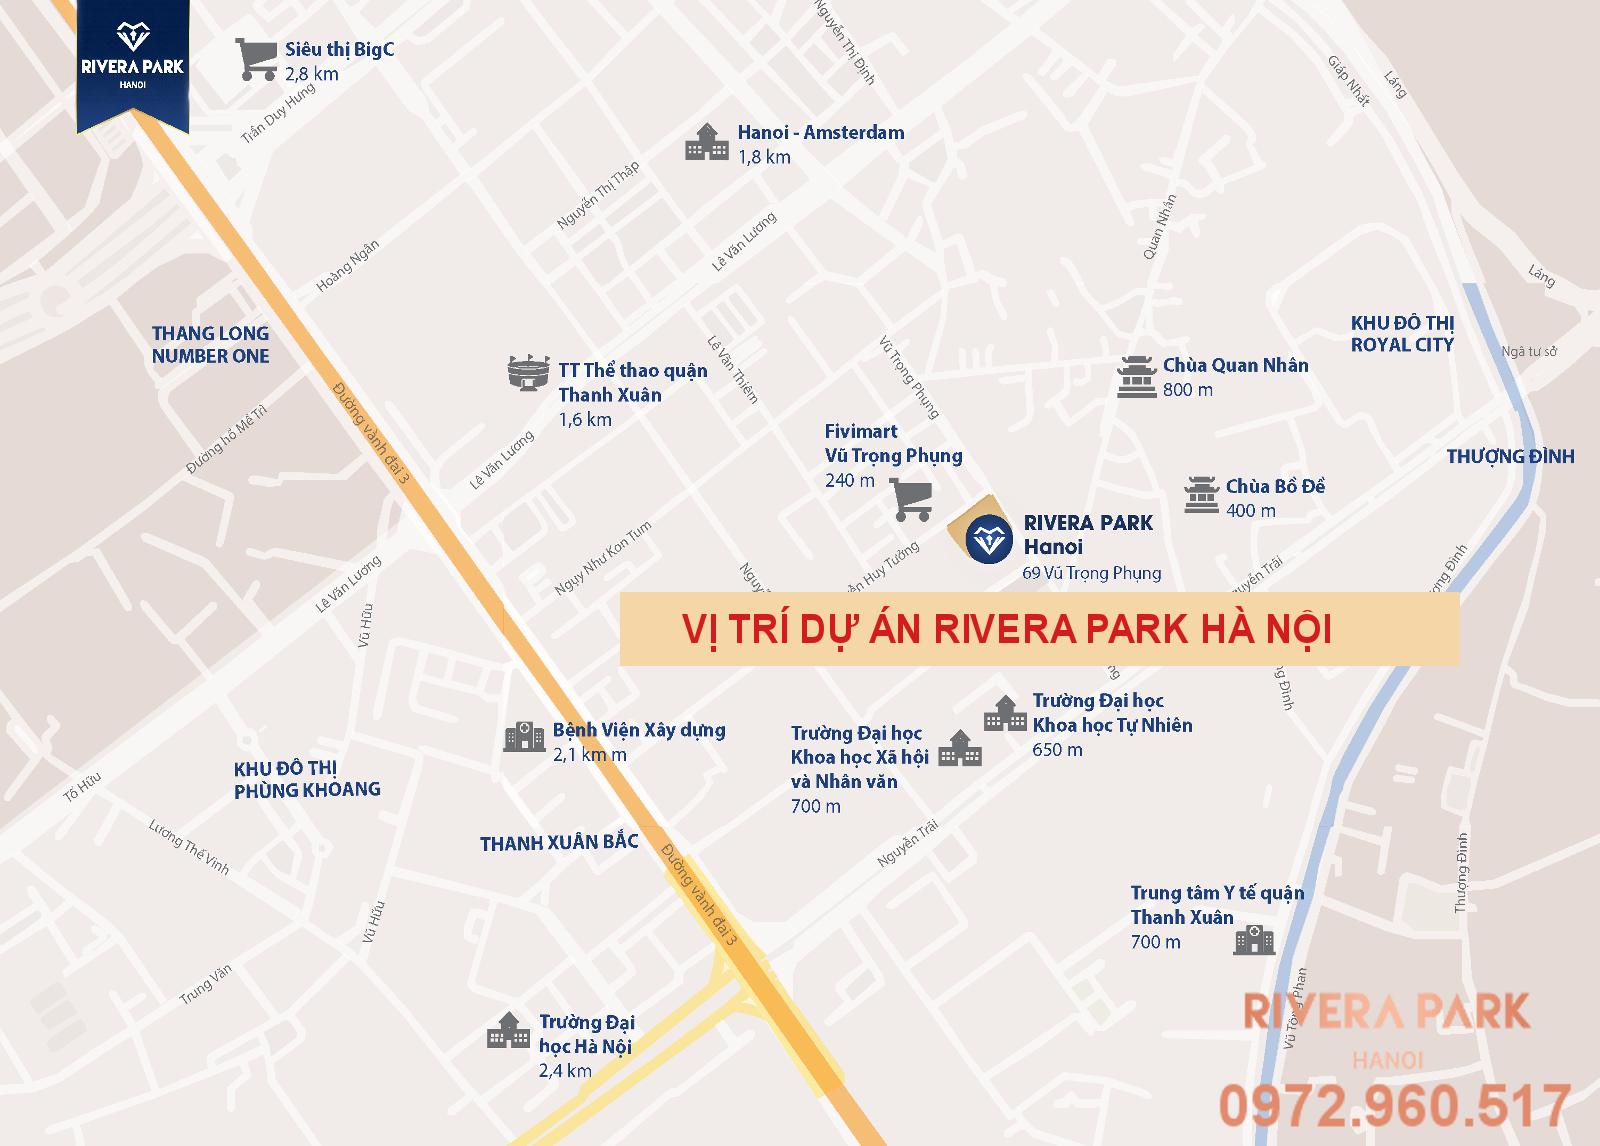 Hình ảnh vị trí dự án chung cư Rivera Park Hà Nội | 69 Vũ Trọng Phụng